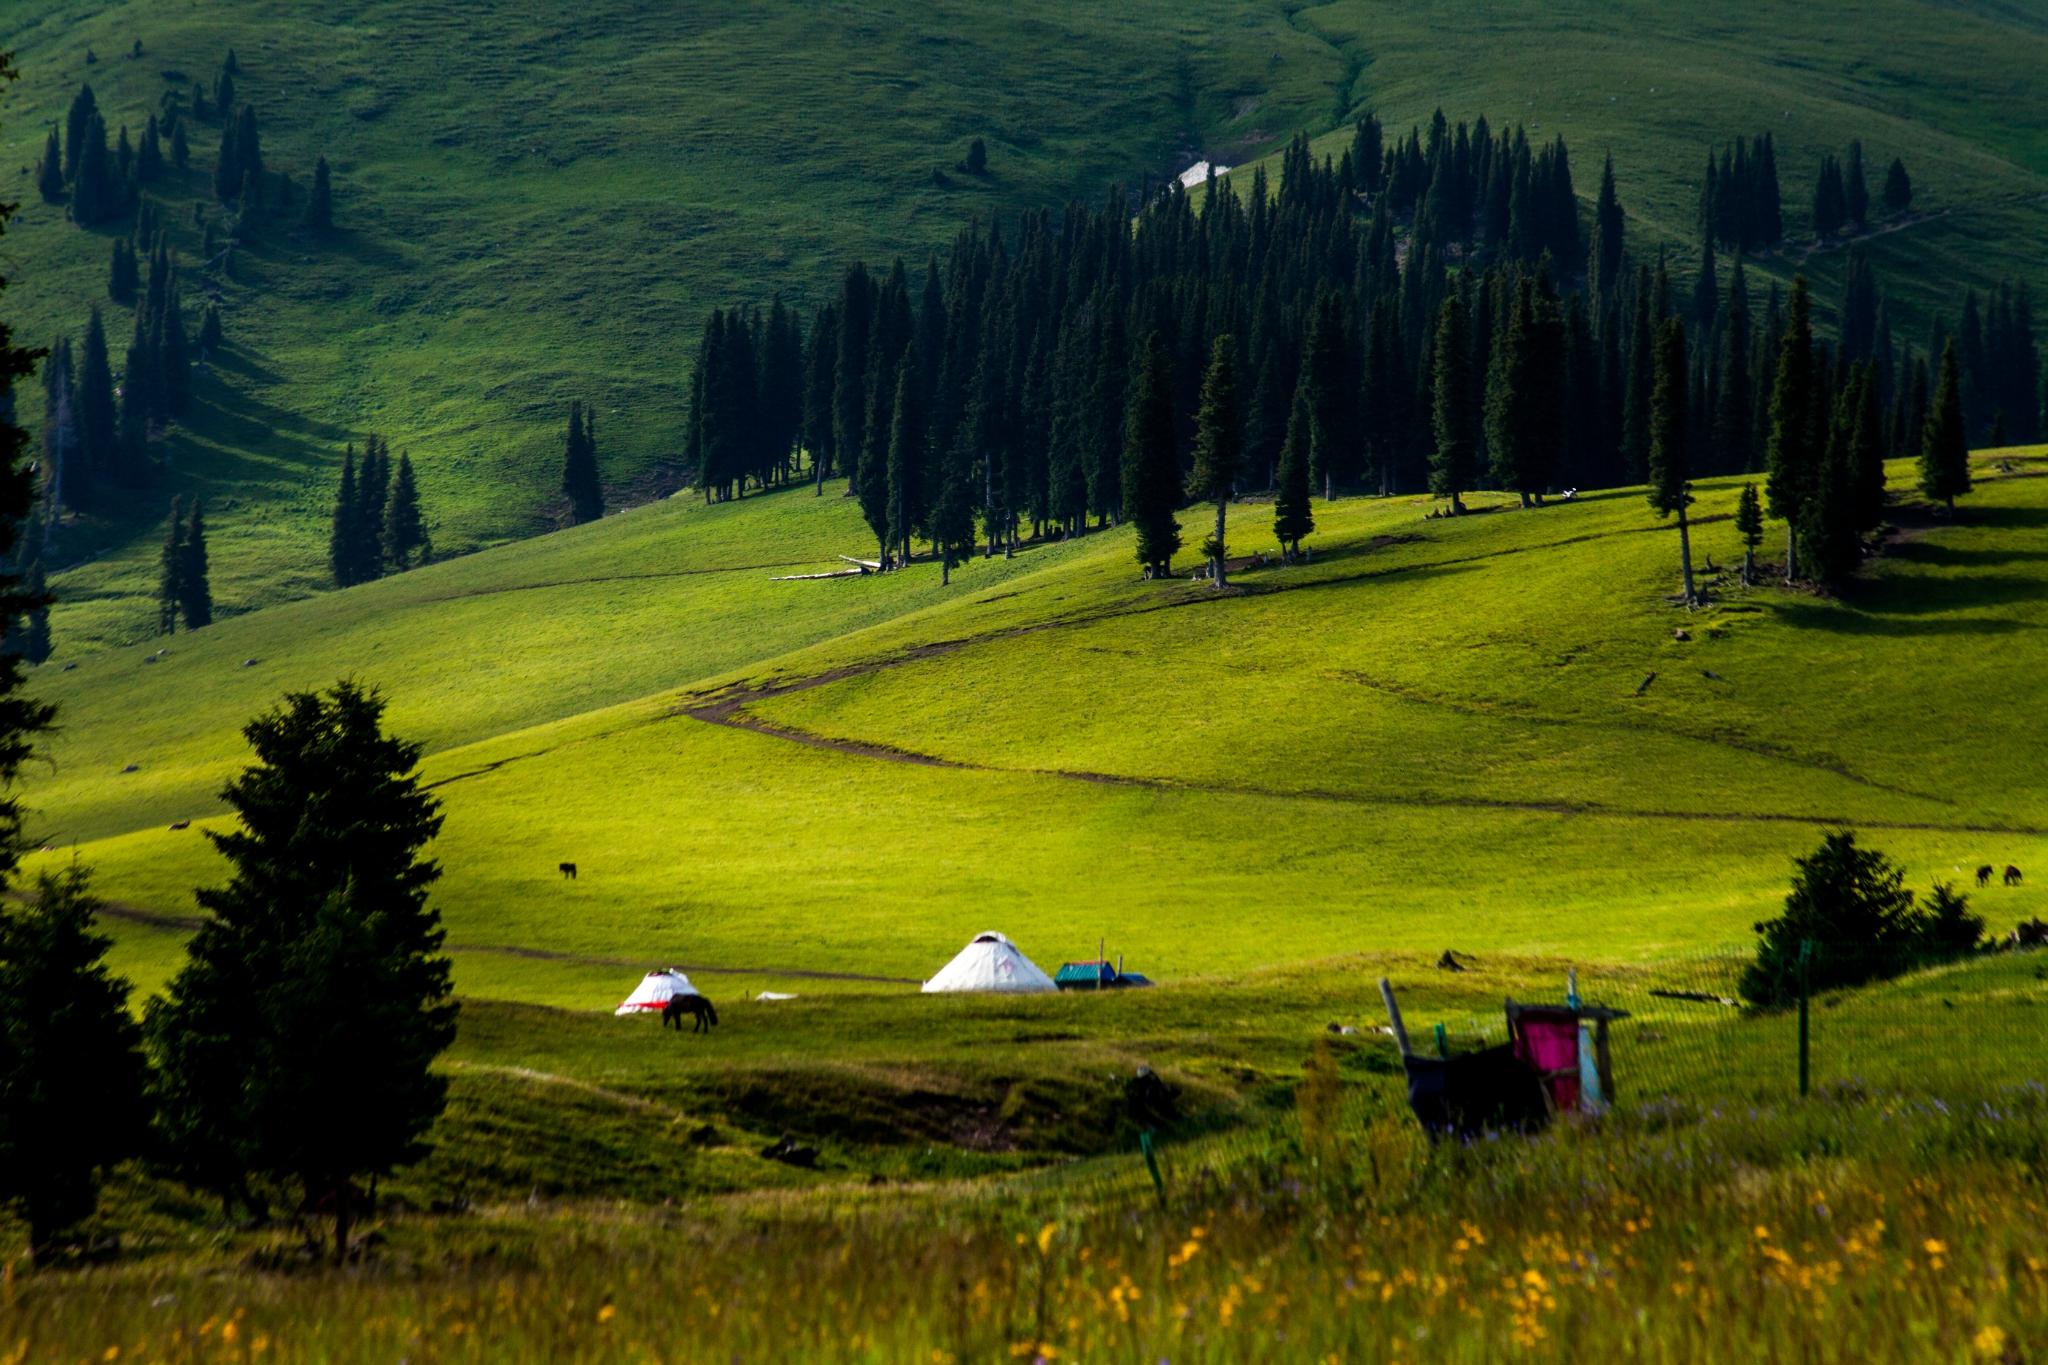 大美新疆青海,欢乐行行摄摄